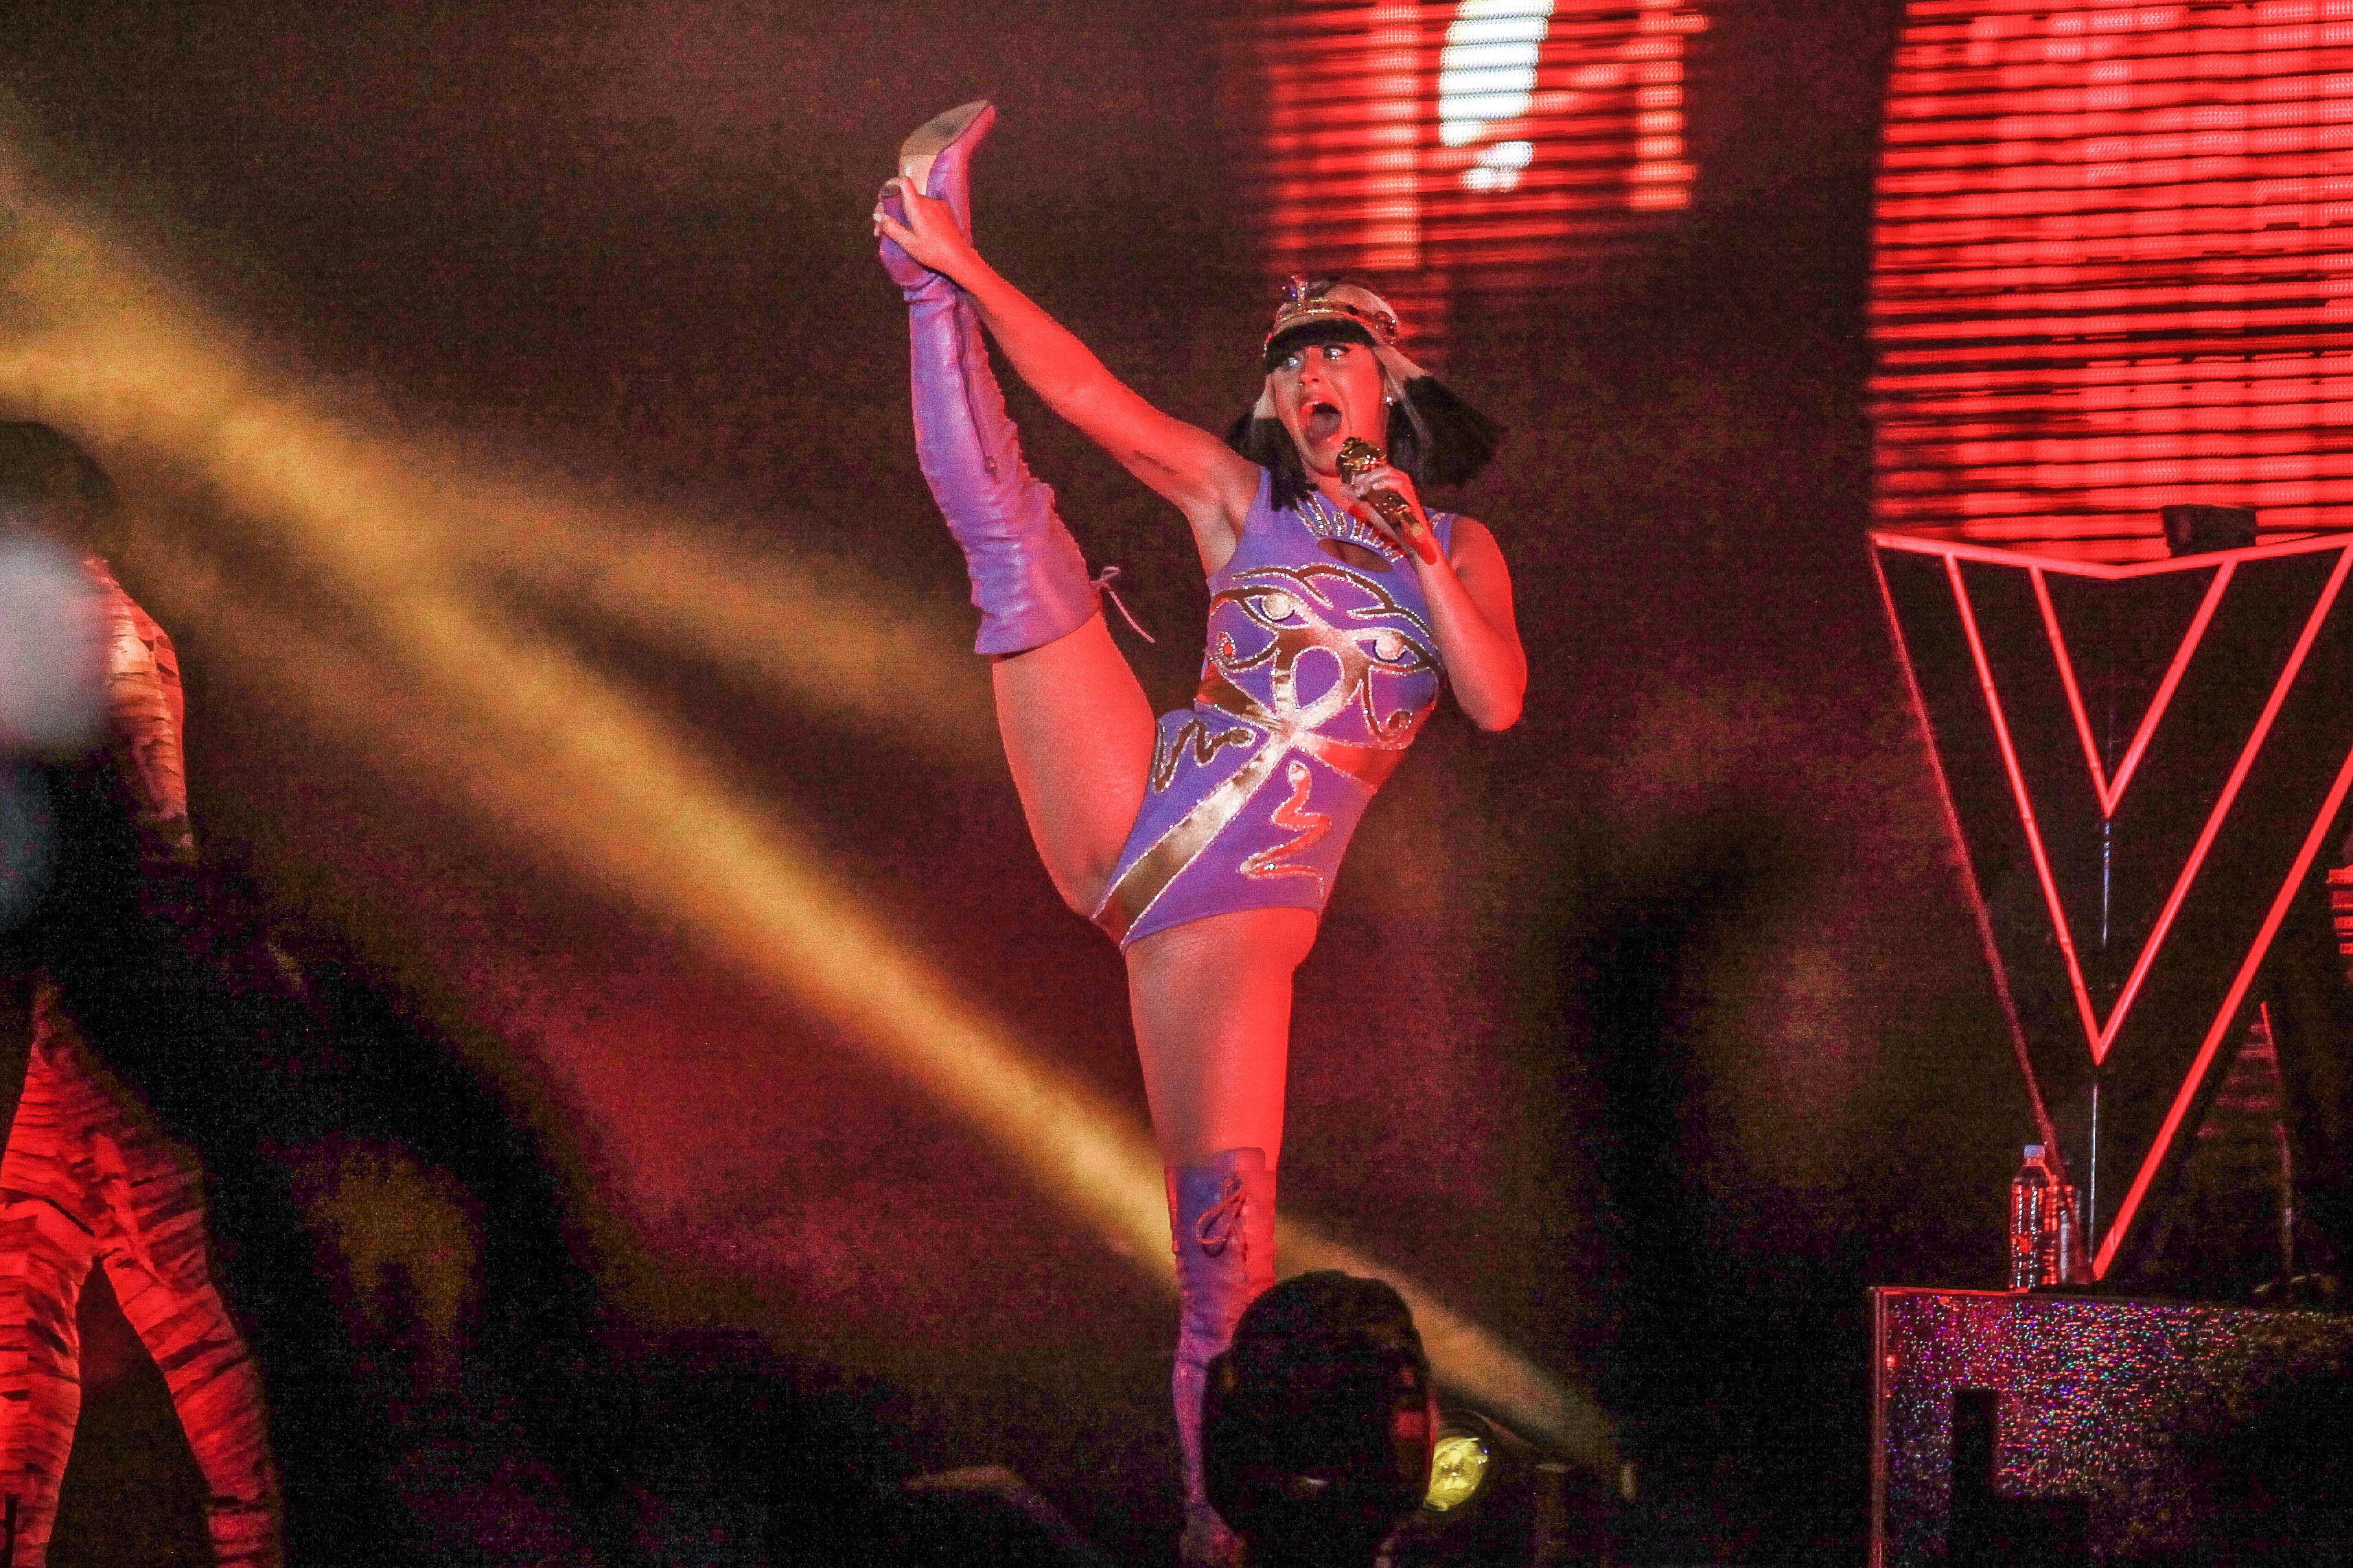 Sexy mayosu ile konserinde aşırı erotik pozlar veren Katy Perry hayranlarını resmen büyüledi. En seksi giyinen yabancı ünlü kadınların resimleri için tıklayın